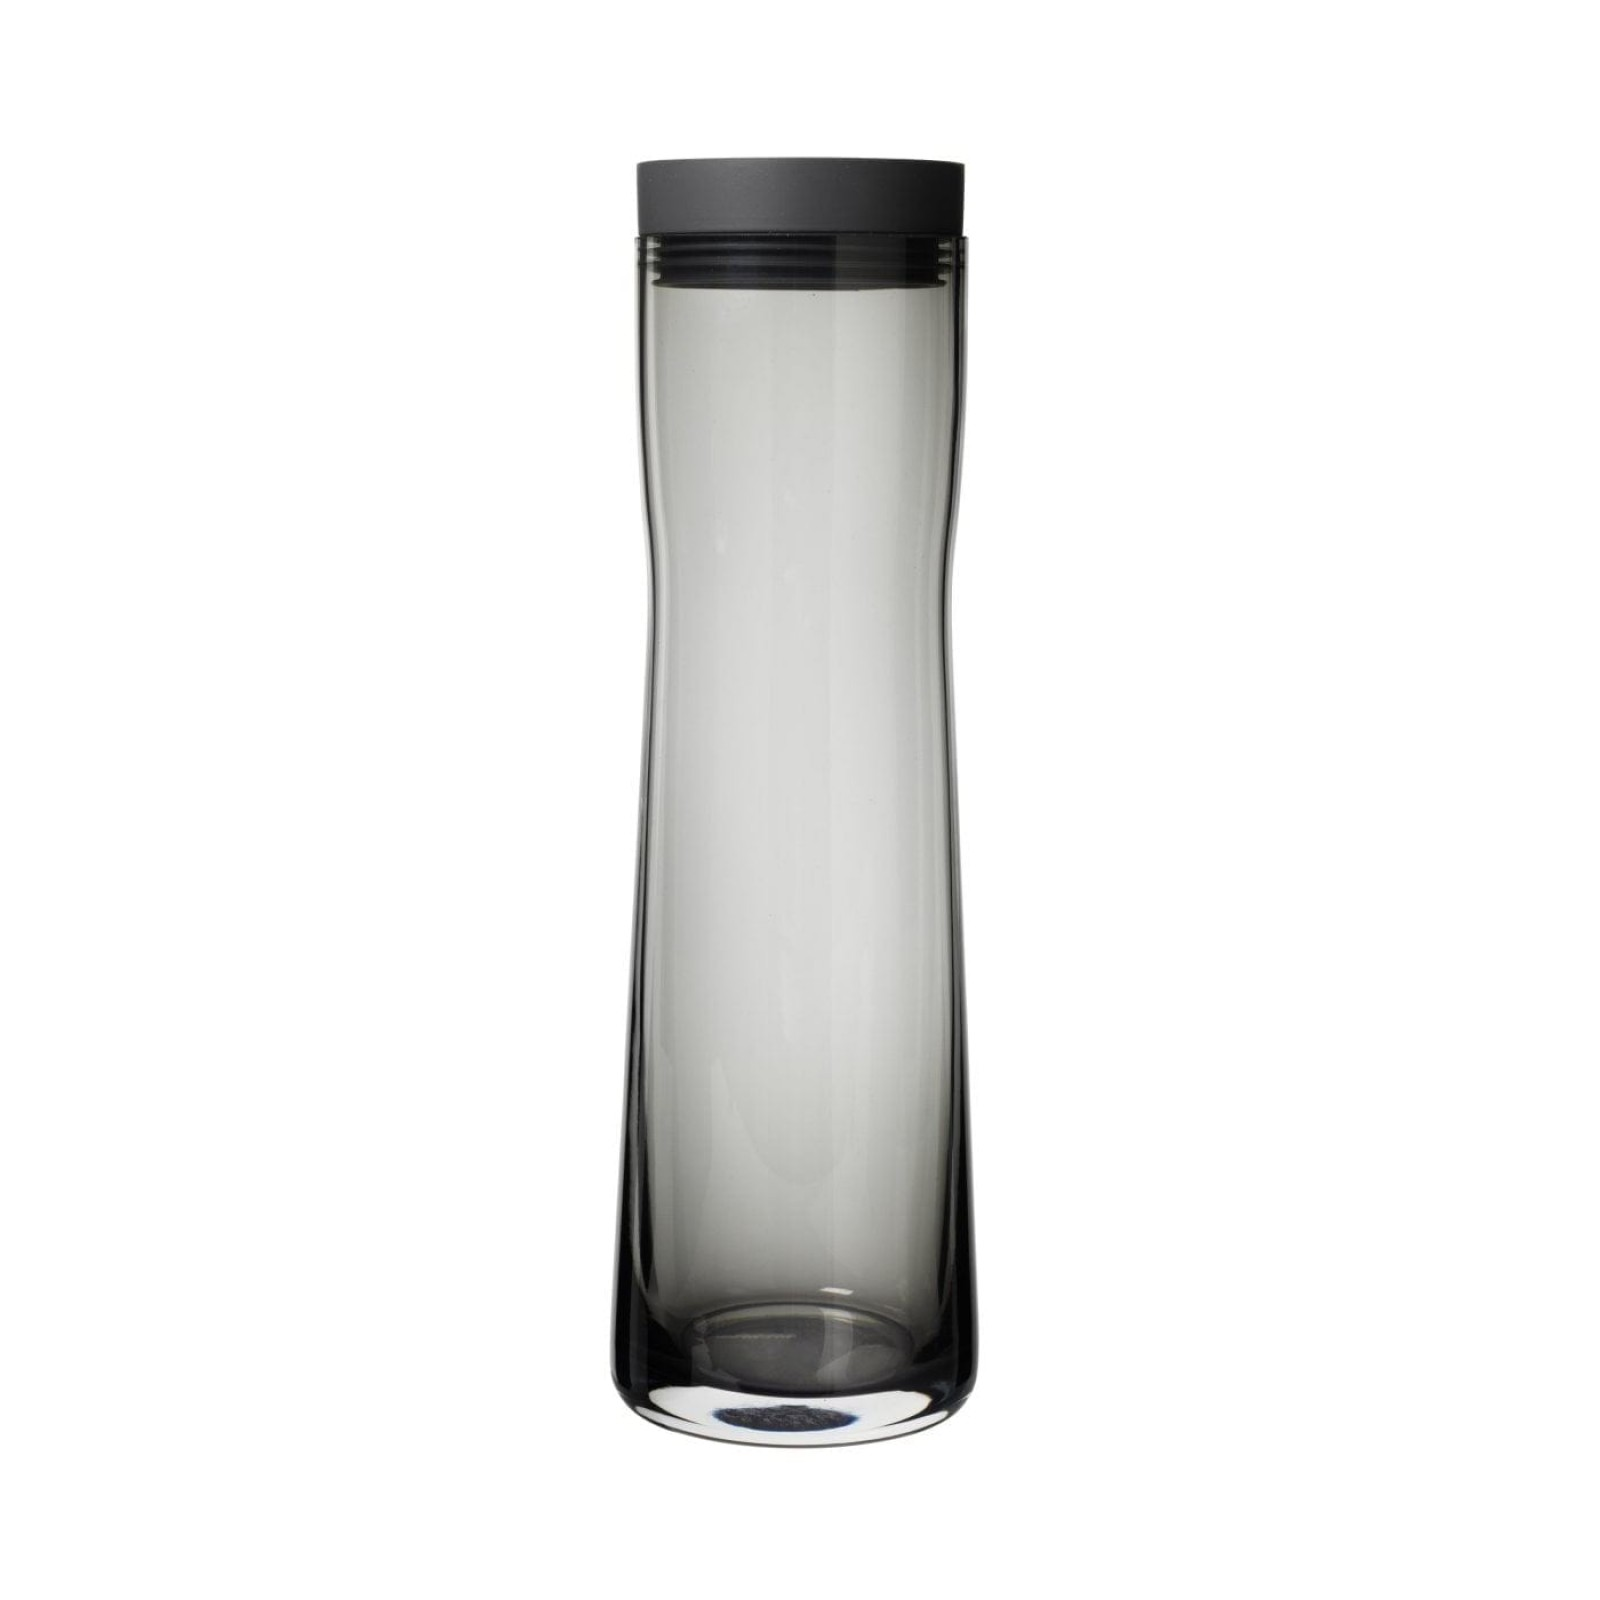 Γυάλινη Καράφα Splash 1 Λίτρο (Μαύρο) - Blomus